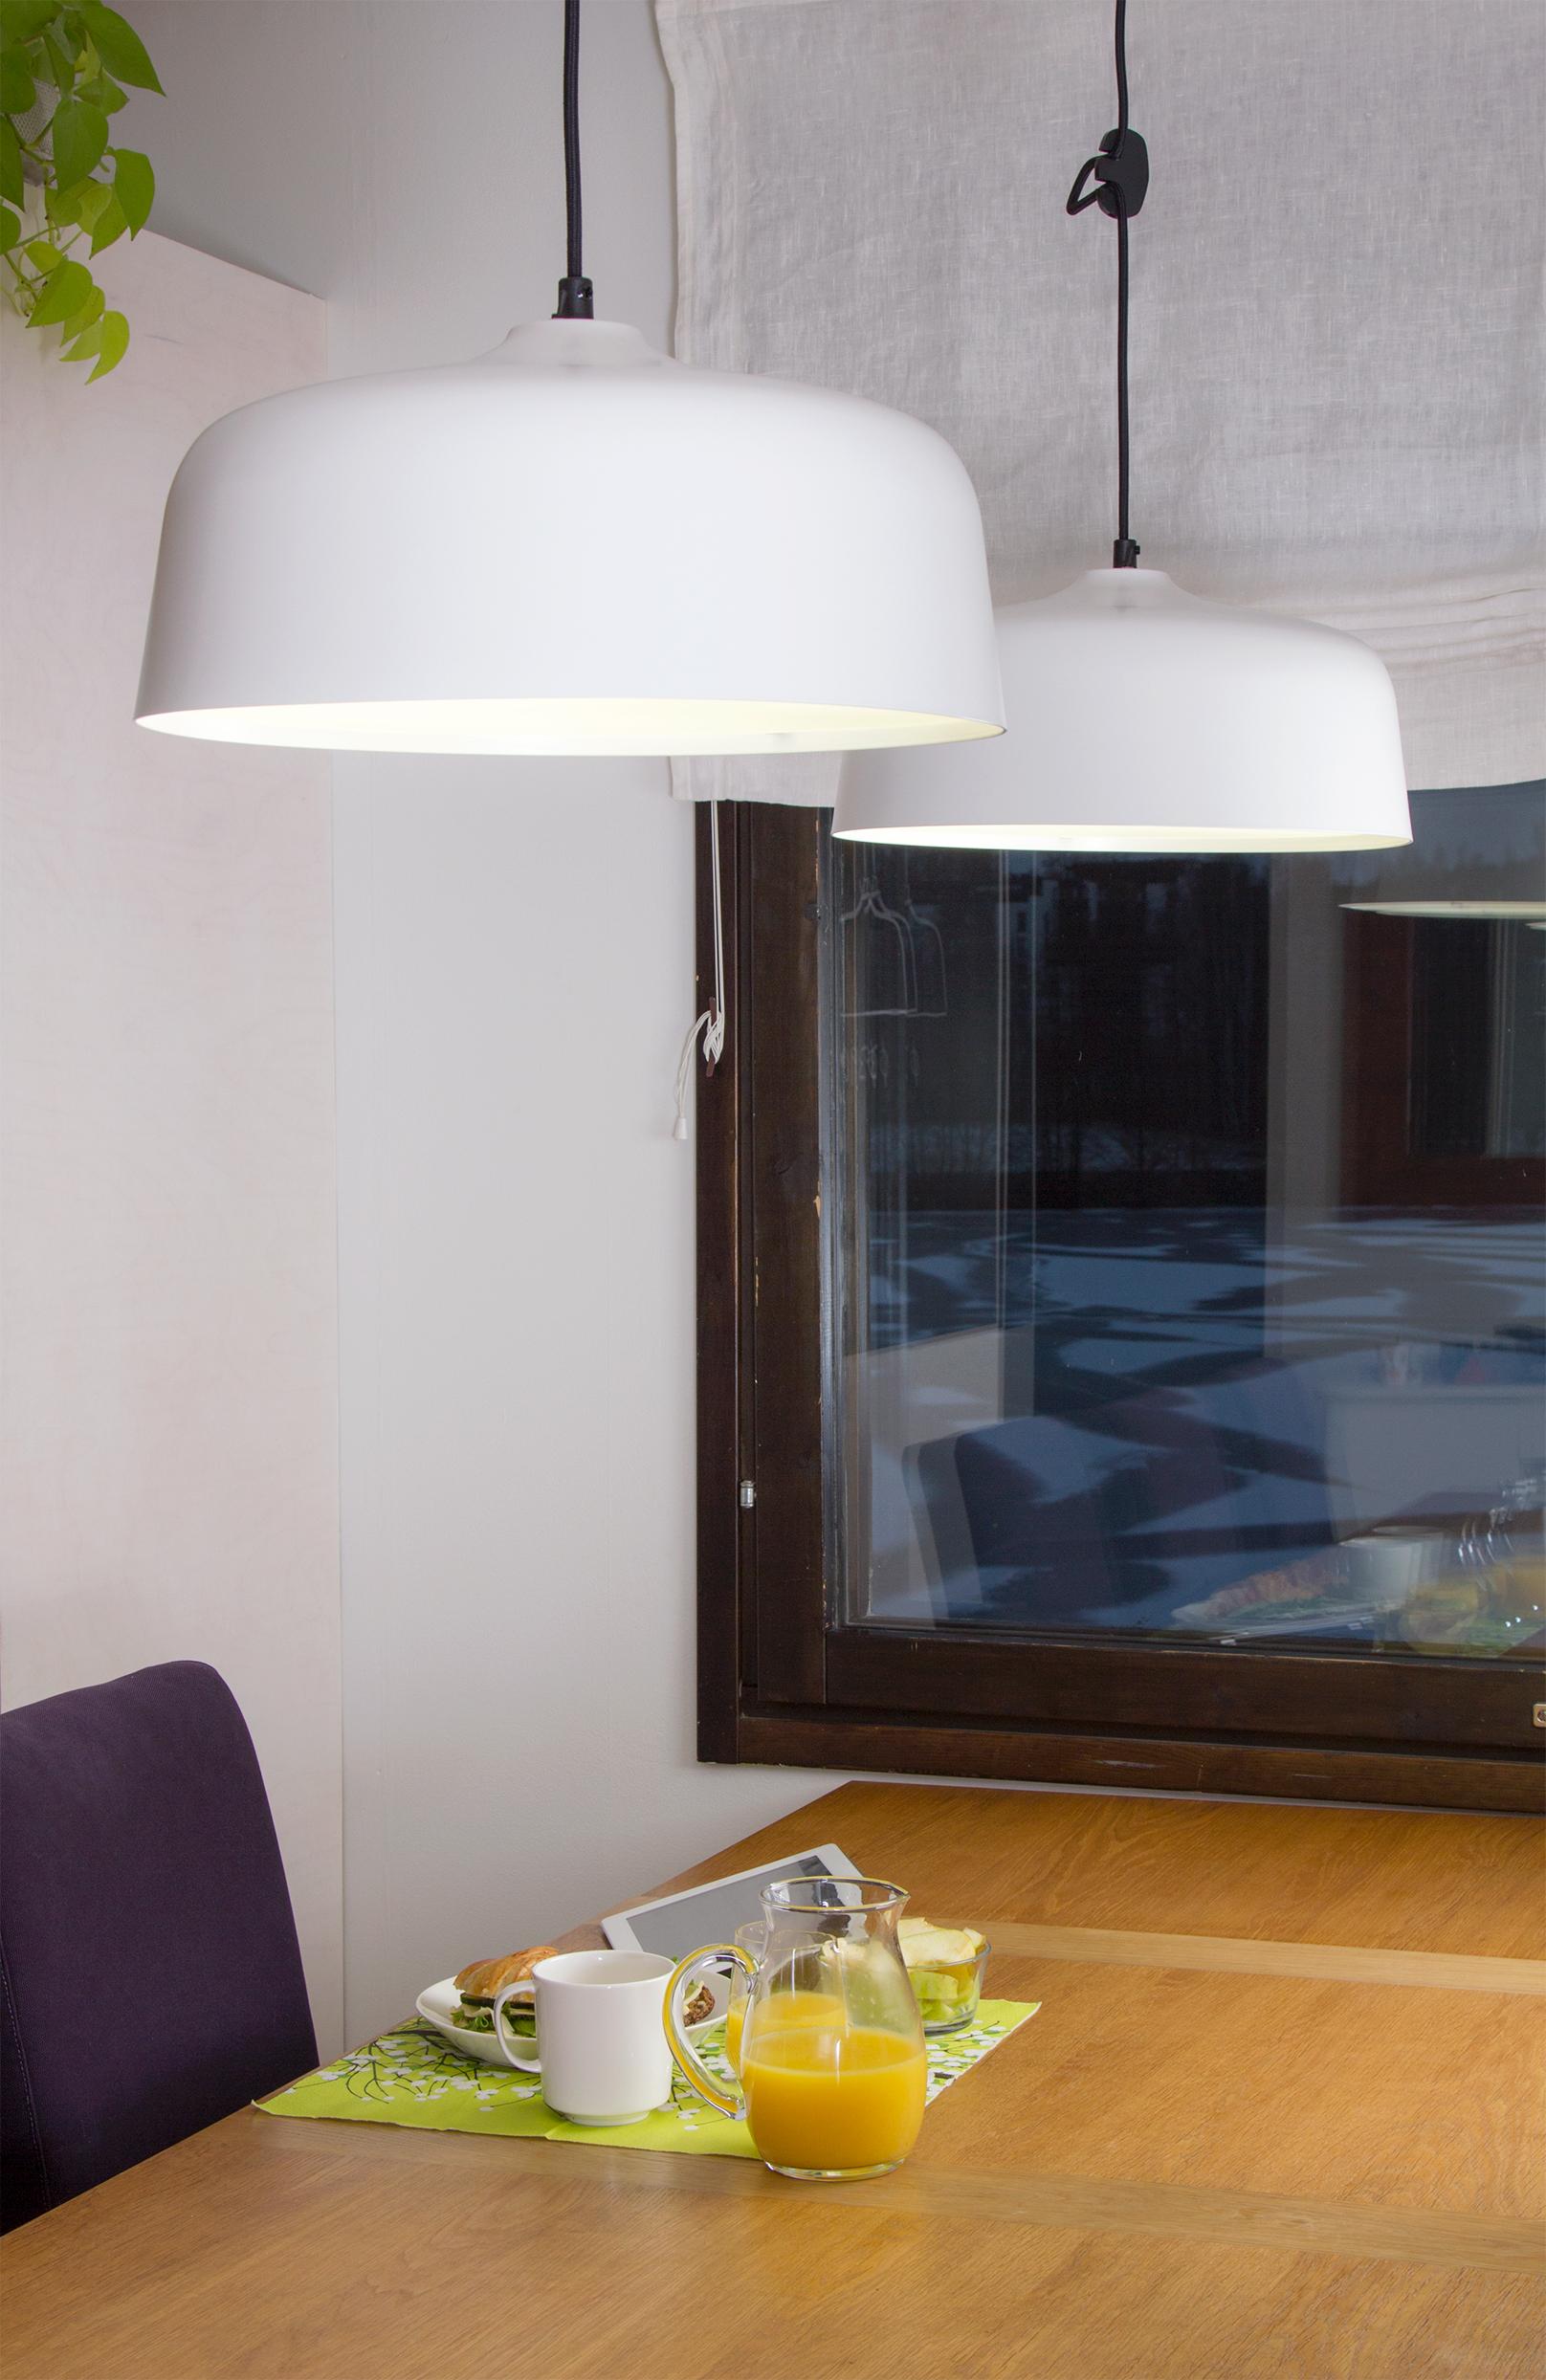 Kirkasvalolamppu jossa on kaunis valo